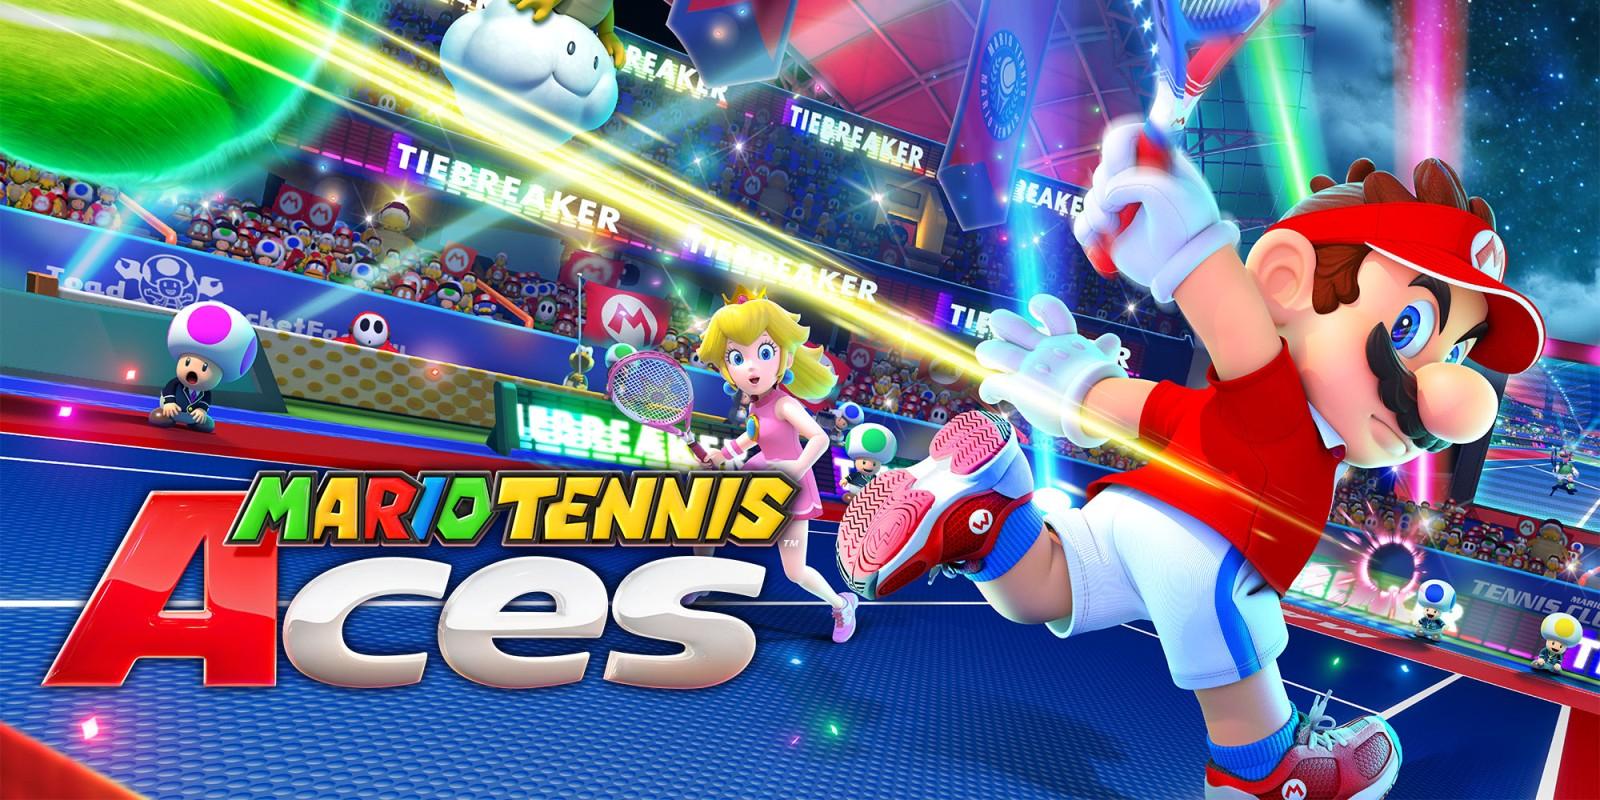 Mario Tennis Aces für Nintendo Switch eine Woche lang kostenlos Probe spielen